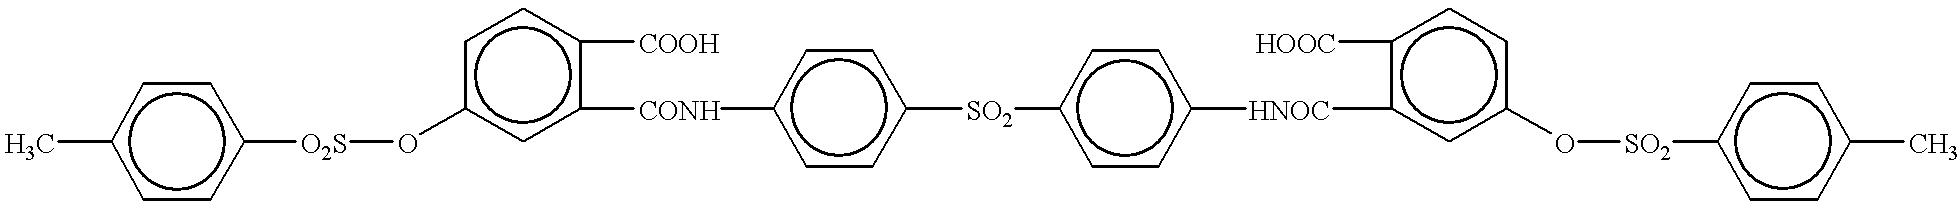 Figure US06180560-20010130-C00437